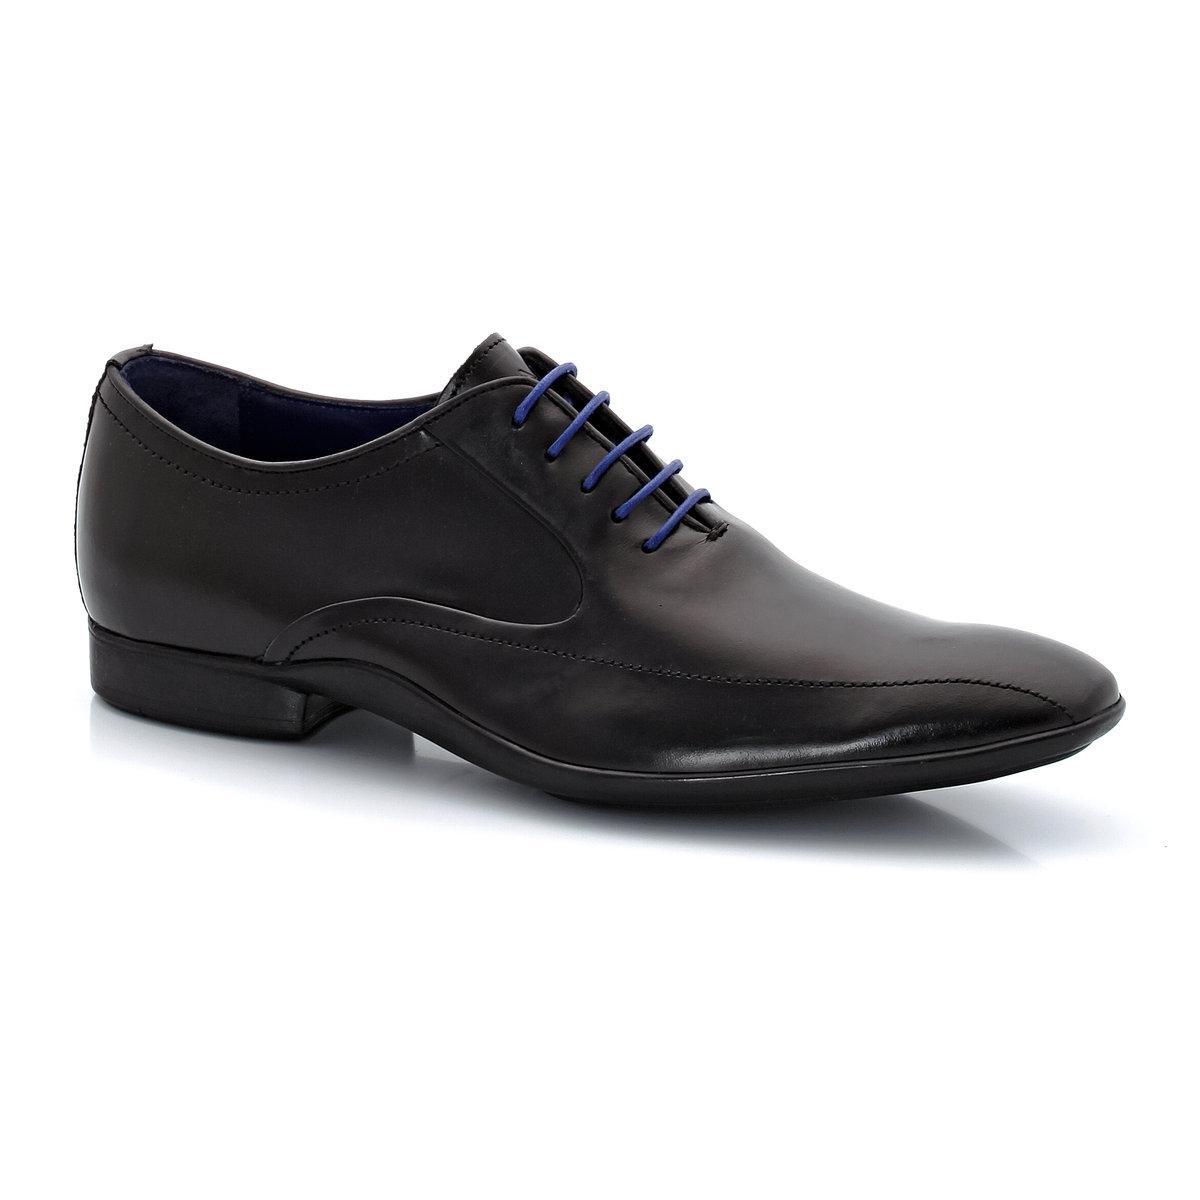 Sapatos derbies modelo Richelieu, em pele, com atacadores